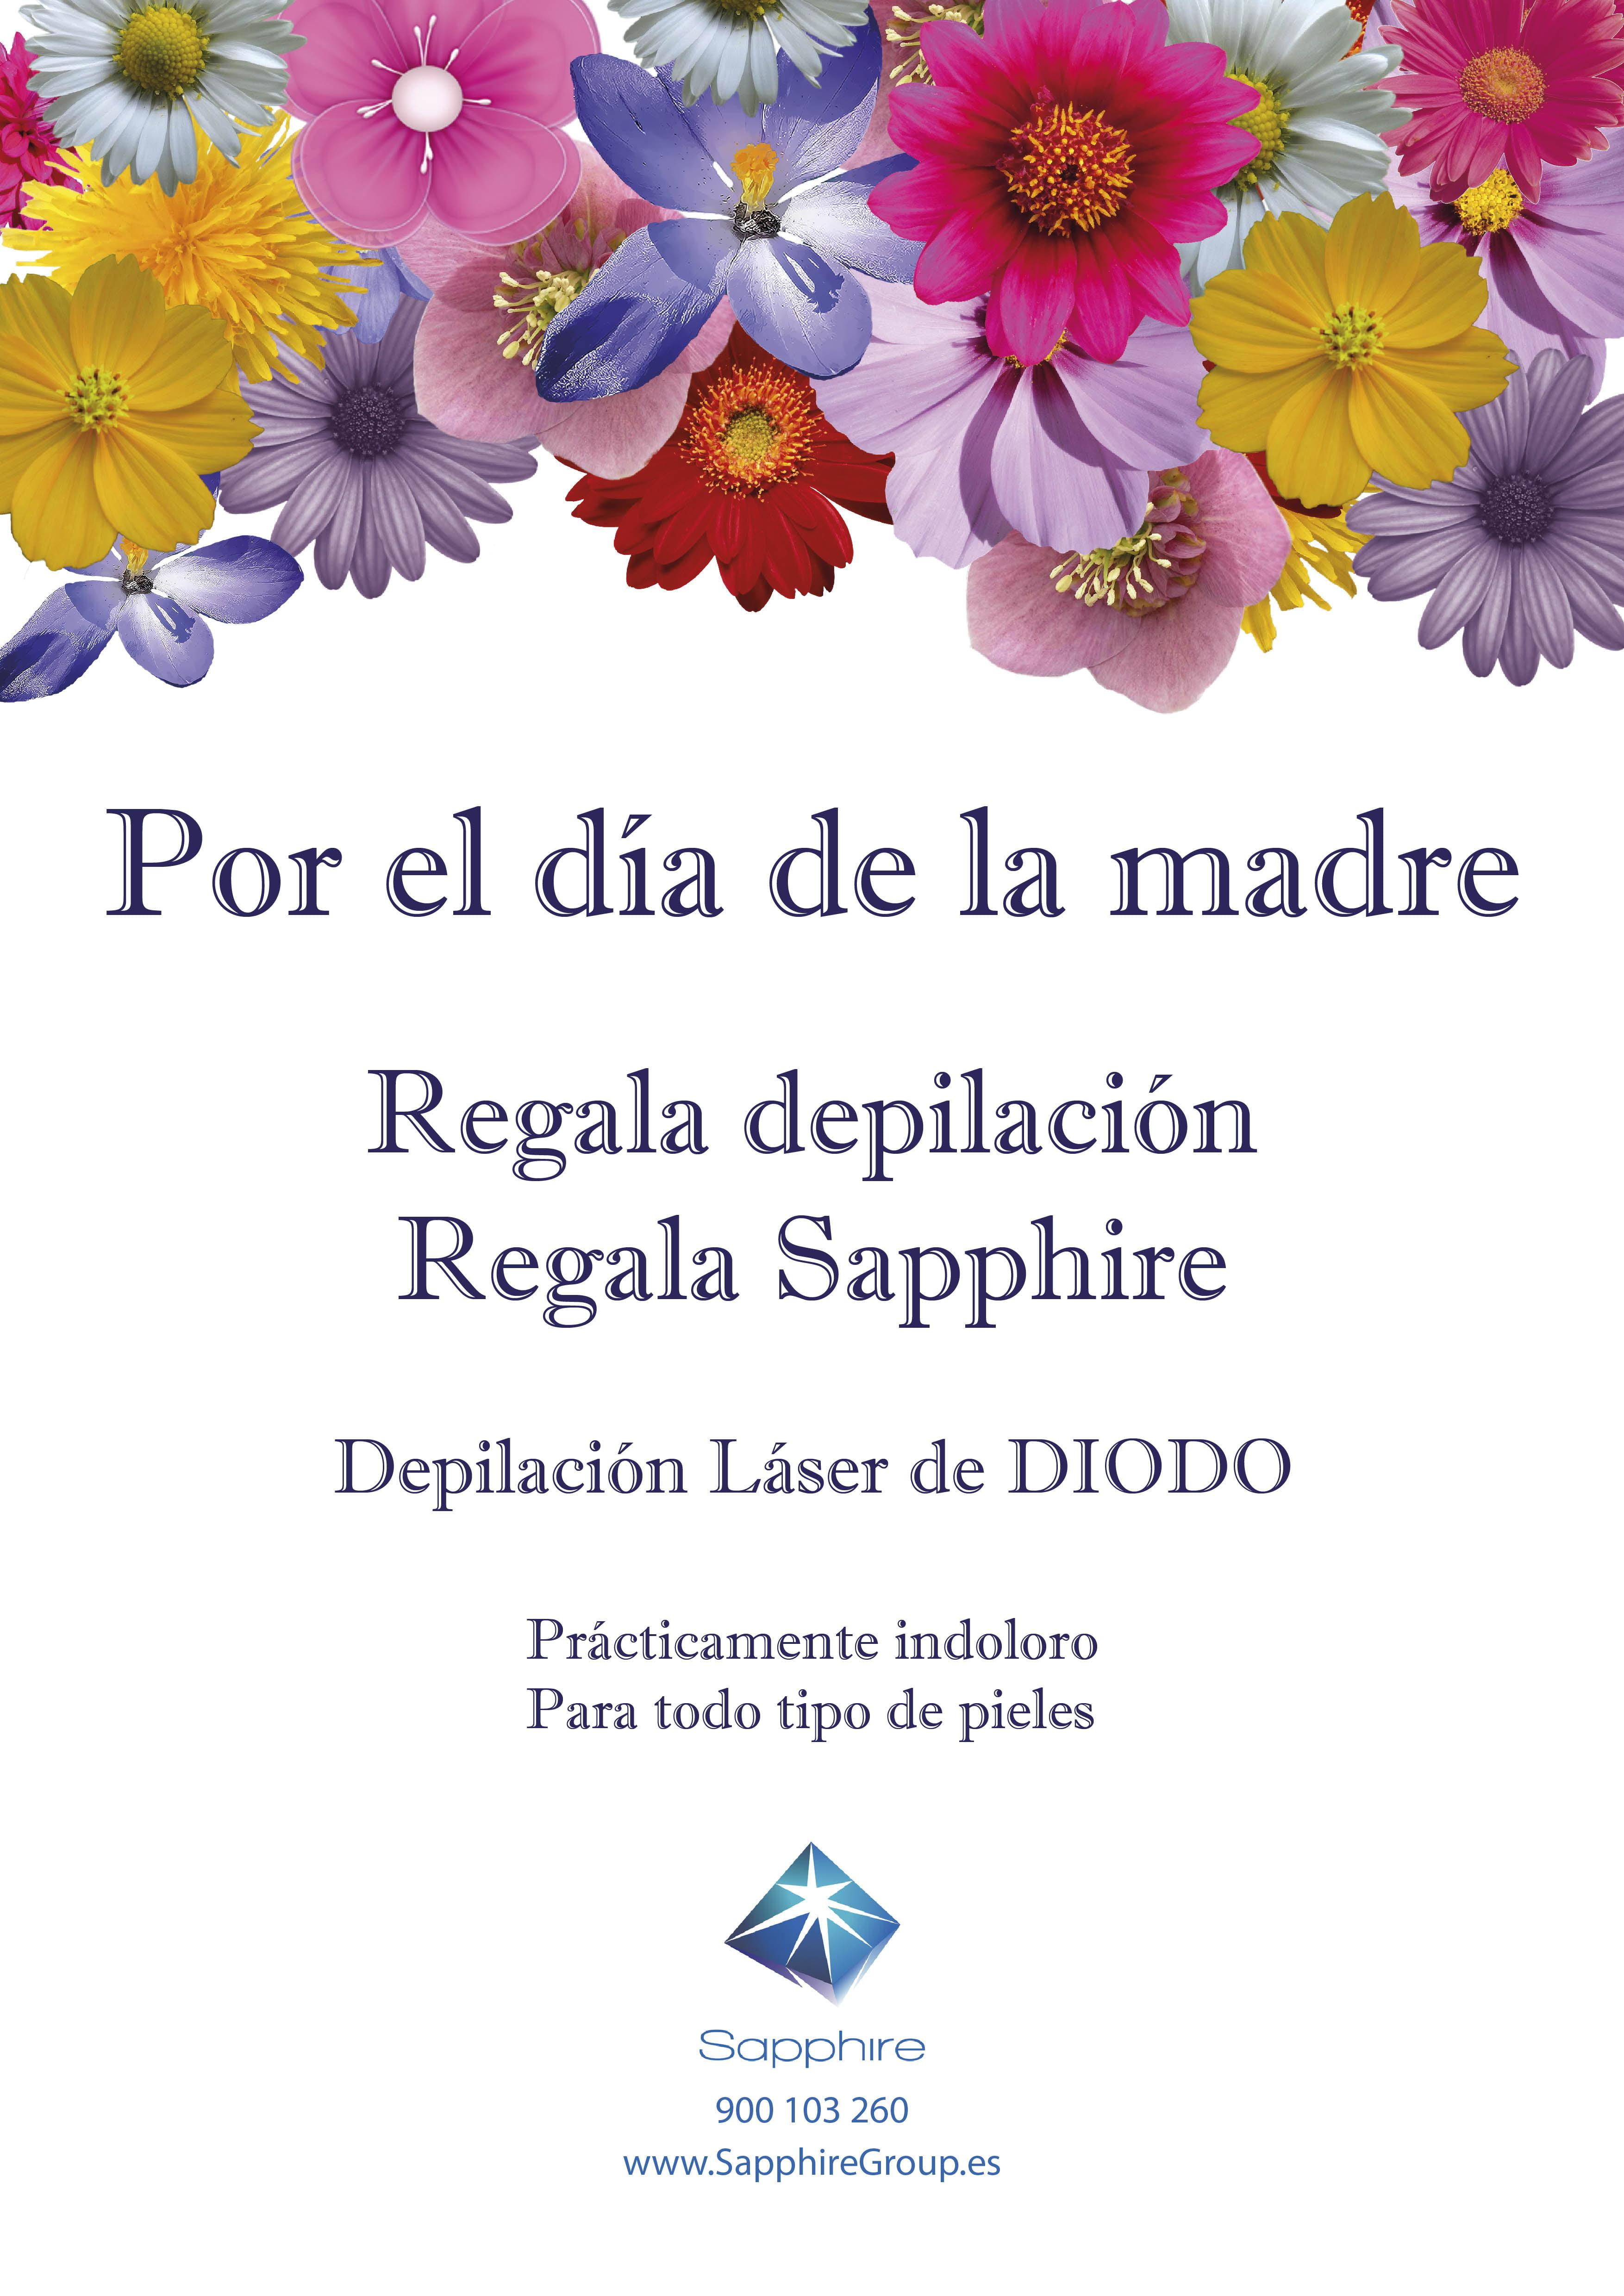 dia de la madre2019 Sapphire